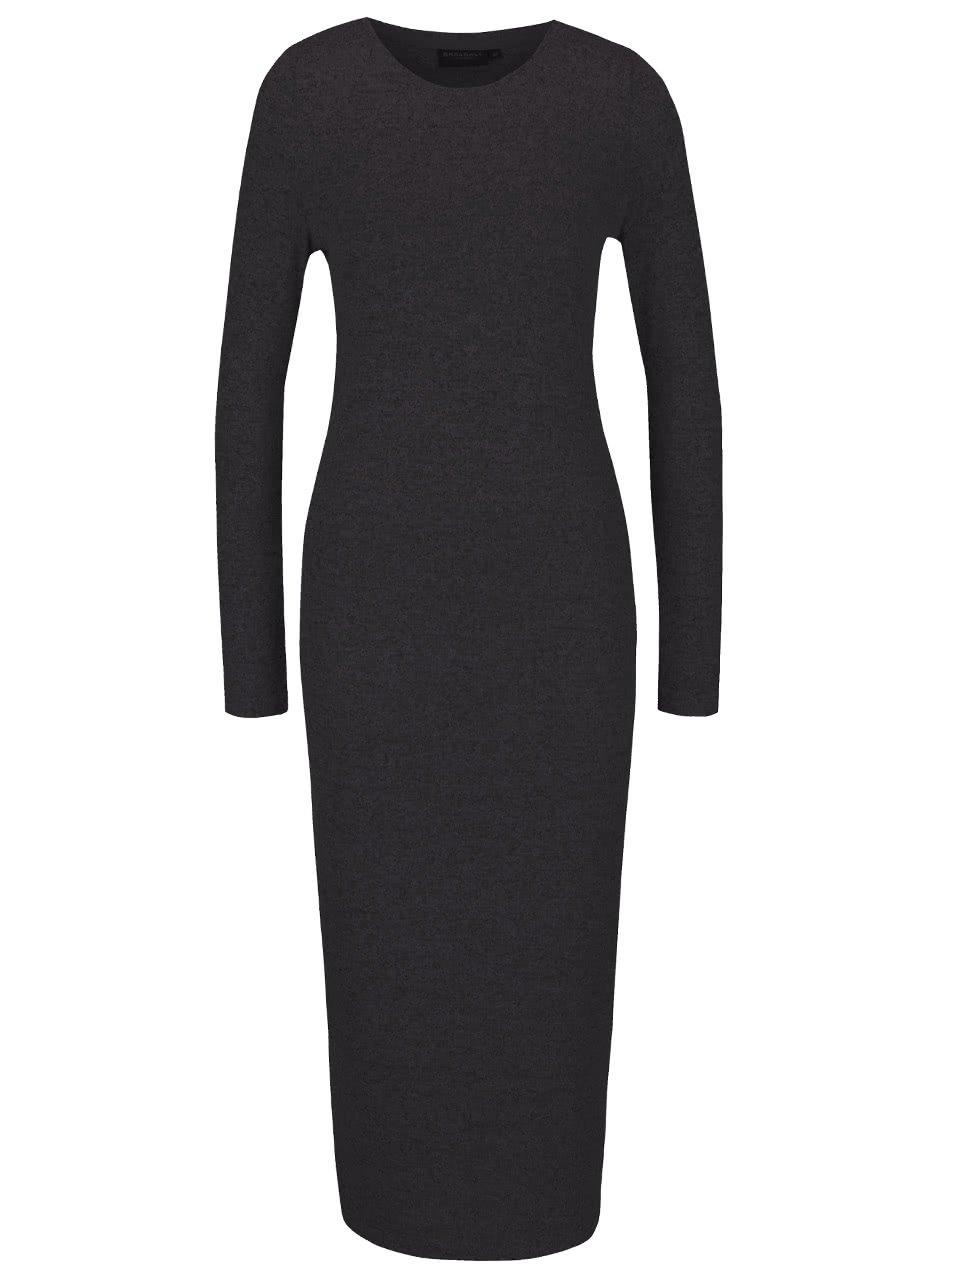 Šedé dámské delší svetrové šaty s dlouhým rukávem Broadway Serena